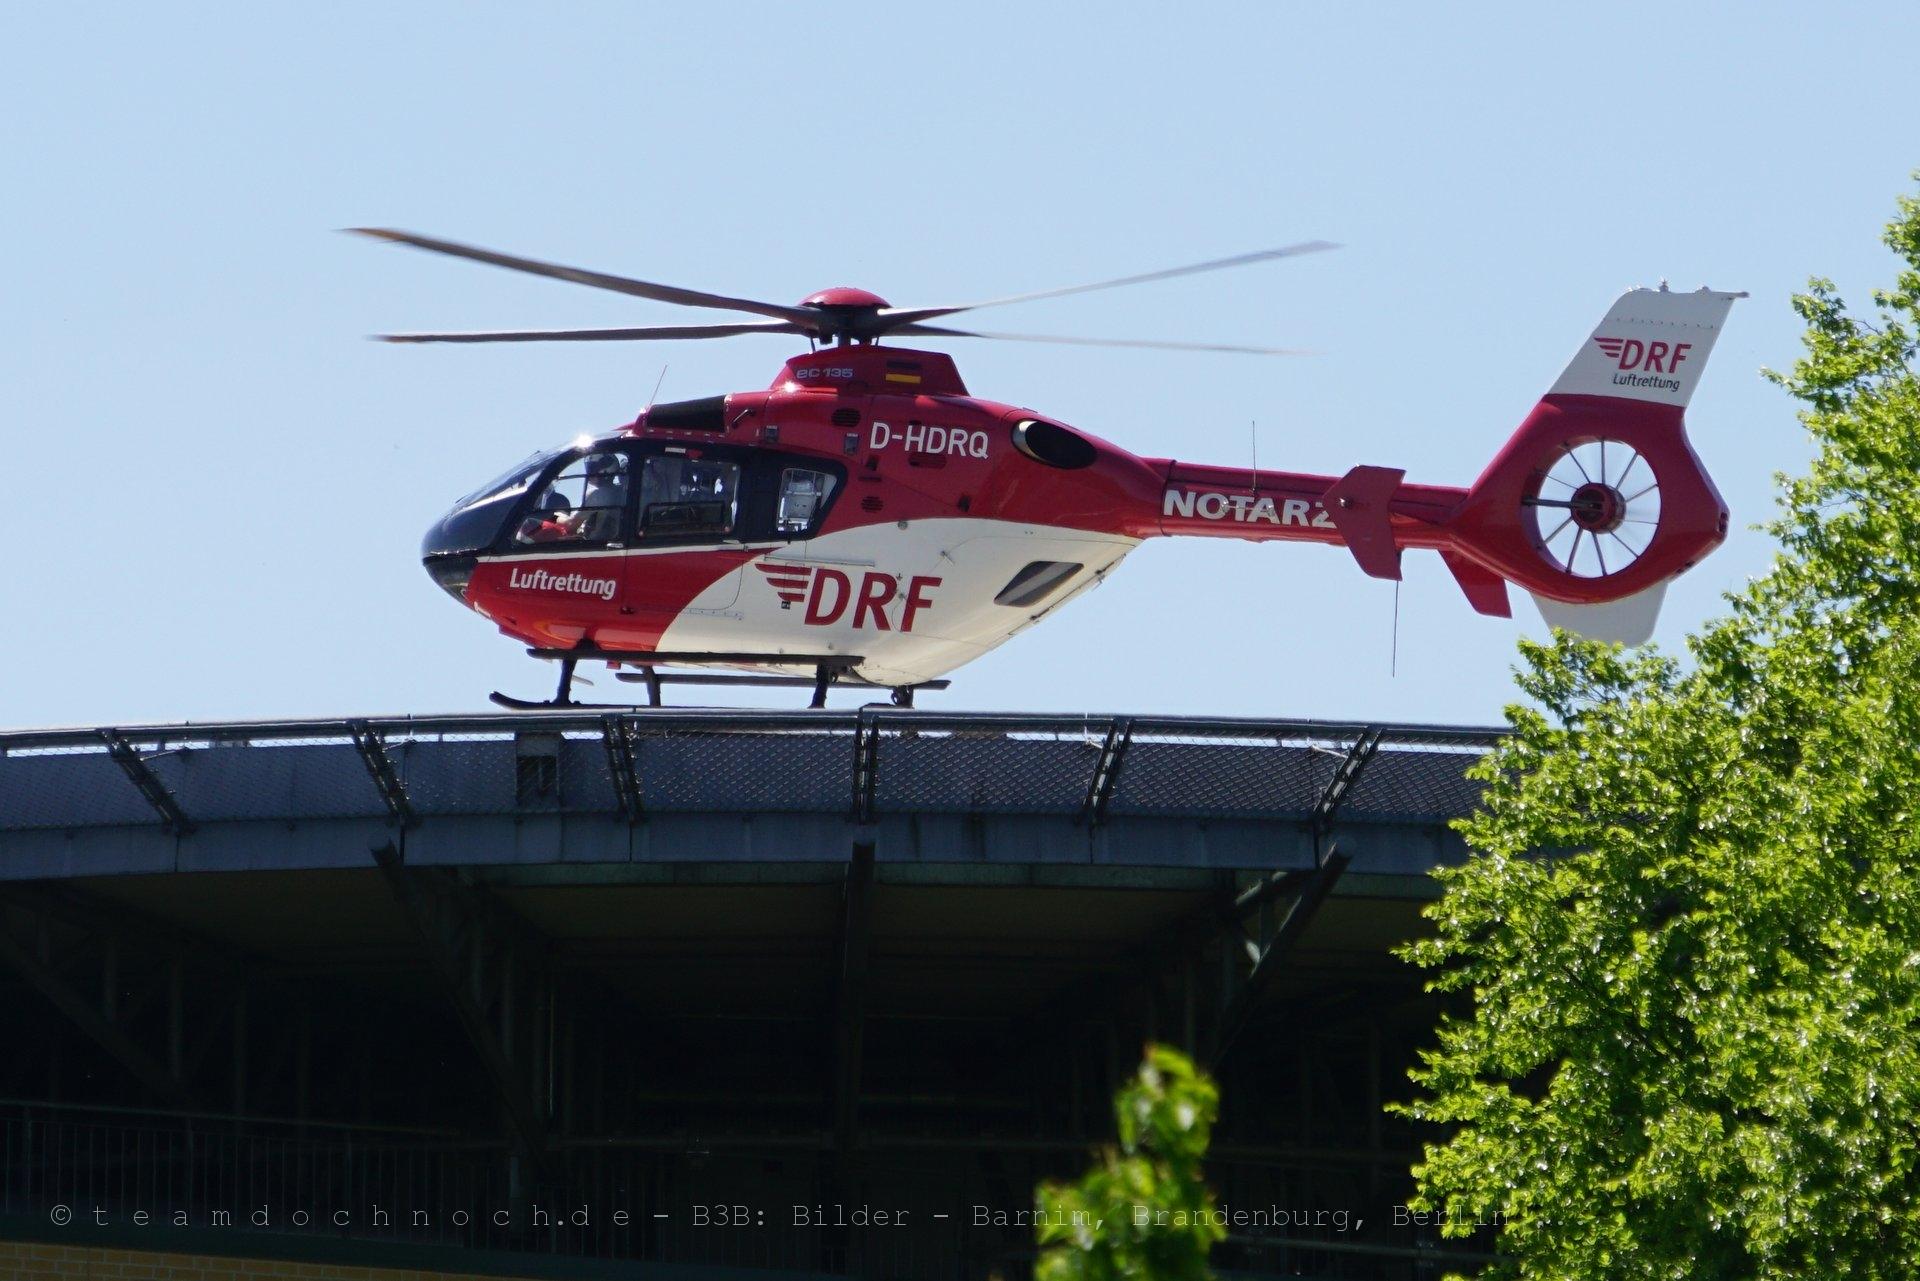 Notarzt der Luftrettung bei der Landung auf dem Forßmann-Krankenhaus in Eberswalde